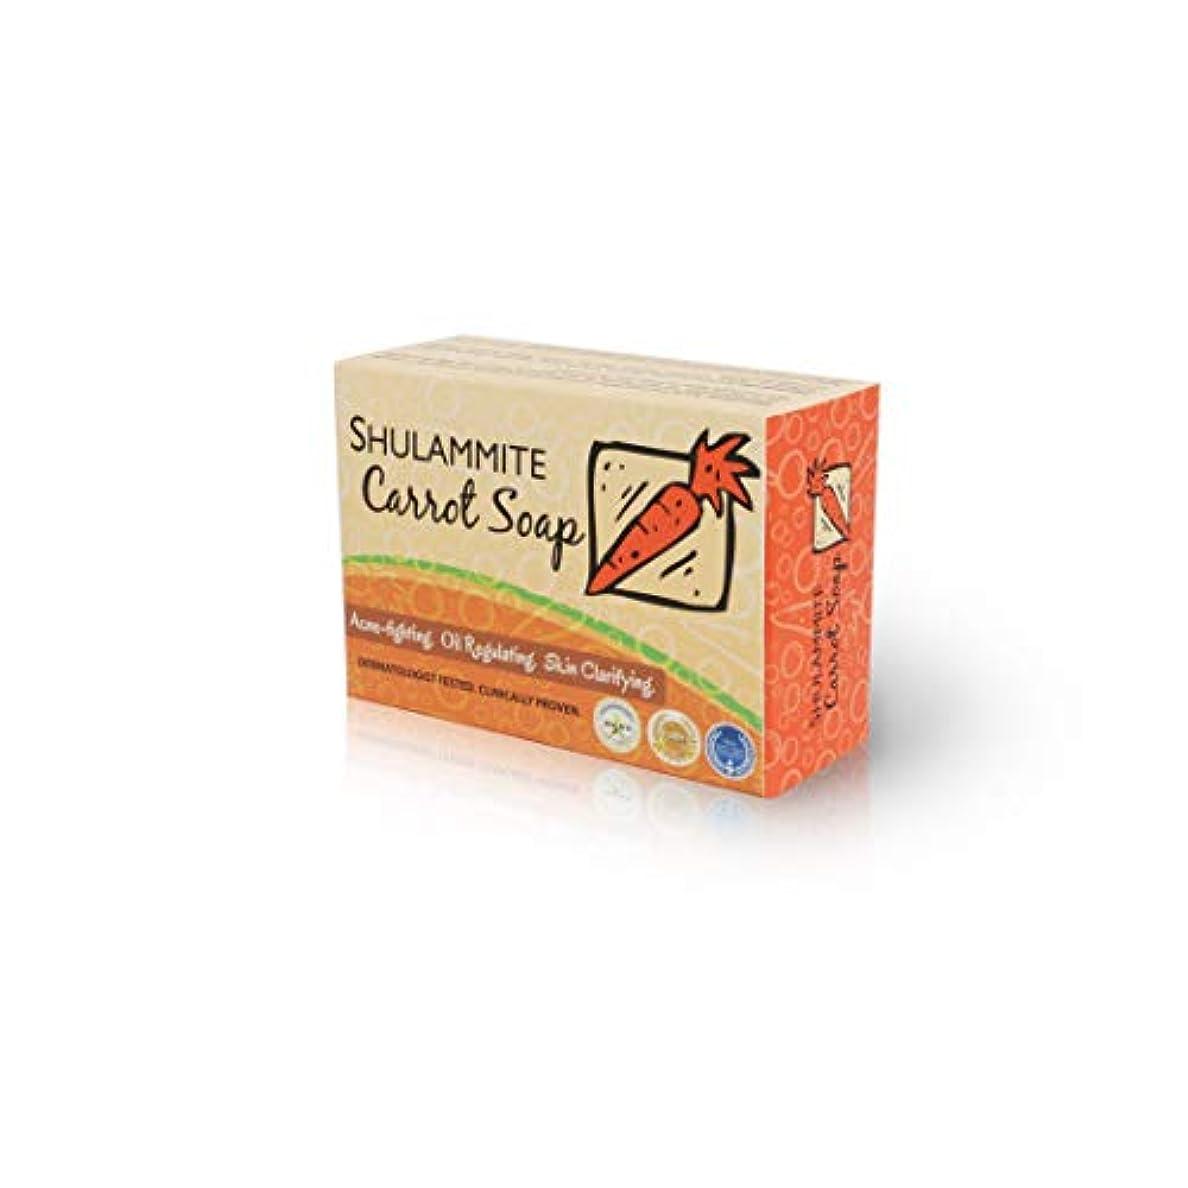 急ぐ反対した面白いSHULAMMITE Carrot Soap キャロットソープ150g 正規輸入代理店 Harmony & Wellness Japan distributor! Exclusive contract with manufacturer